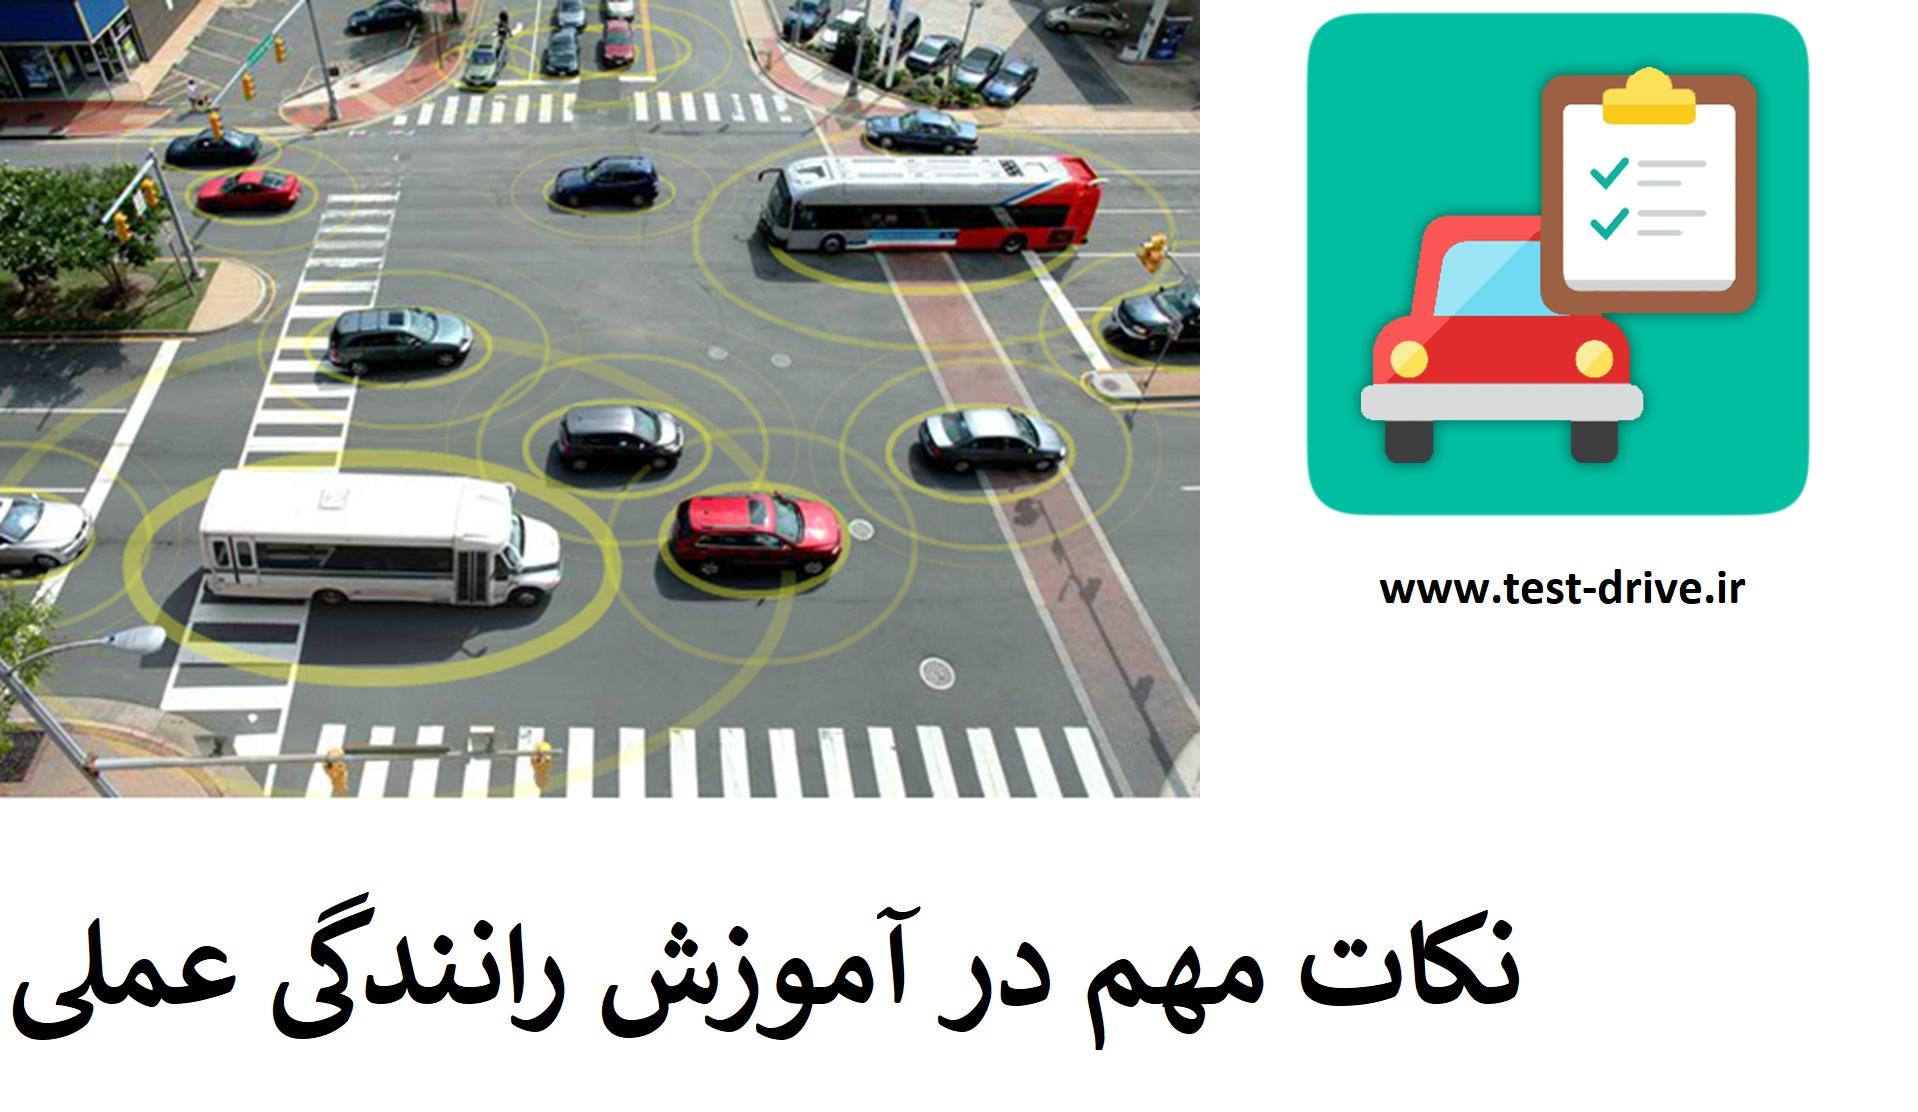 نکات مهم در آموزش رانندگی عملی